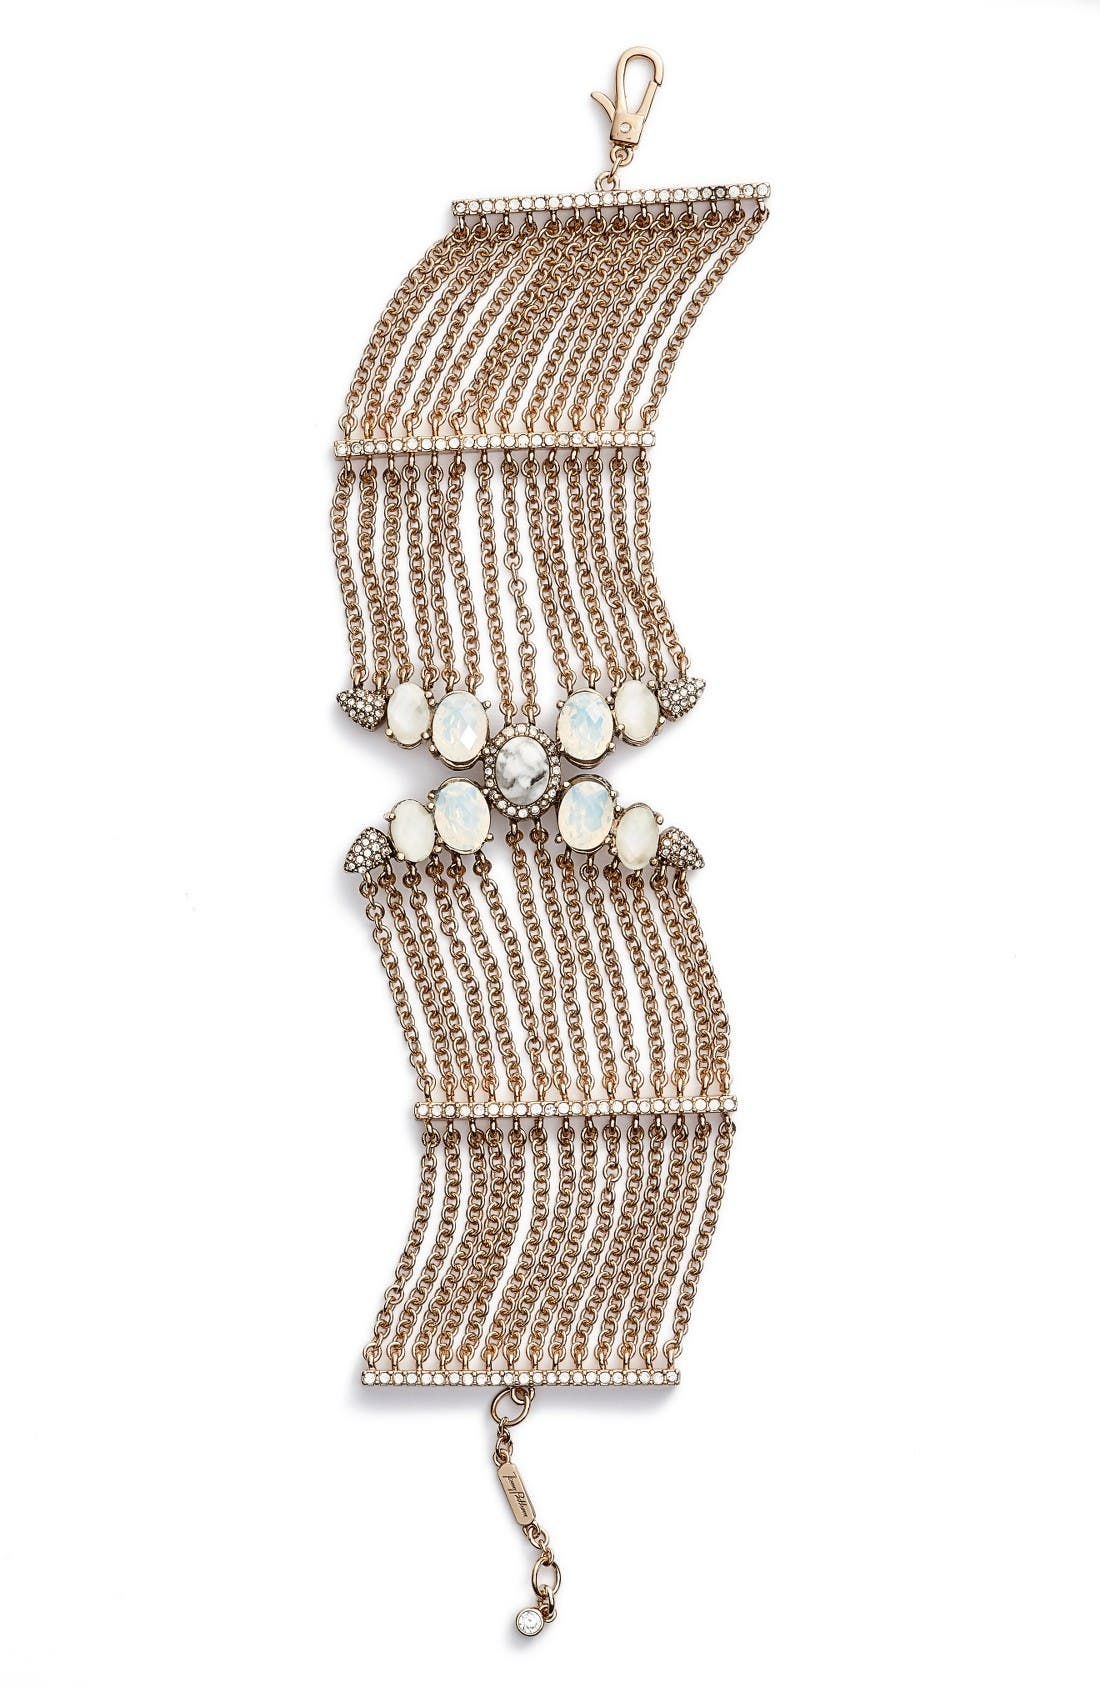 JENNY PACKHAM Wanderlust Chain Bracelet